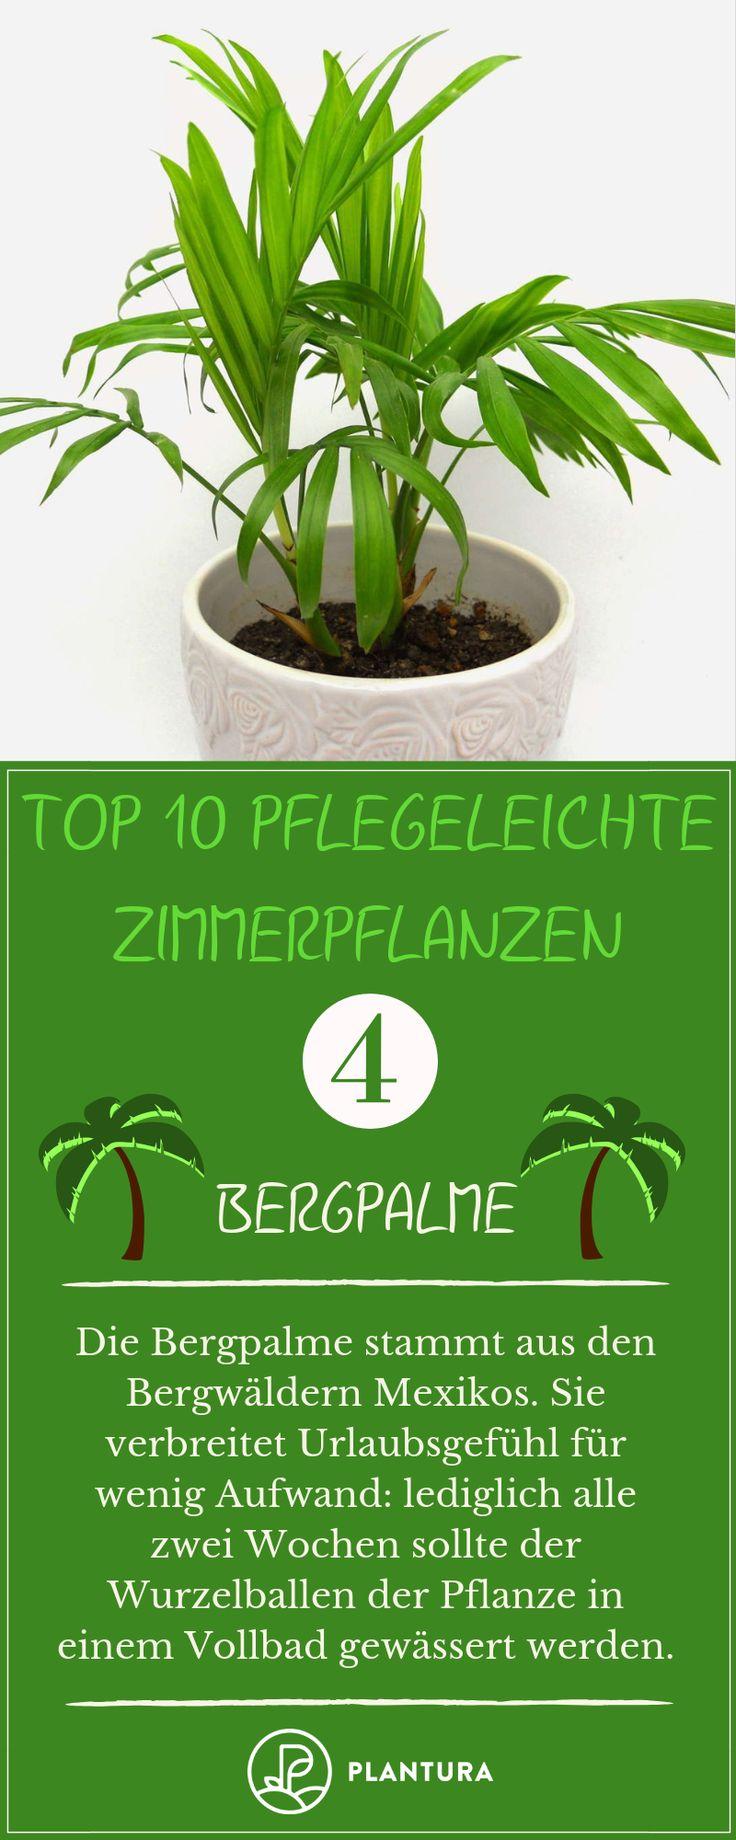 die 10 besten pflanzen f r drinnen plantura artikel. Black Bedroom Furniture Sets. Home Design Ideas